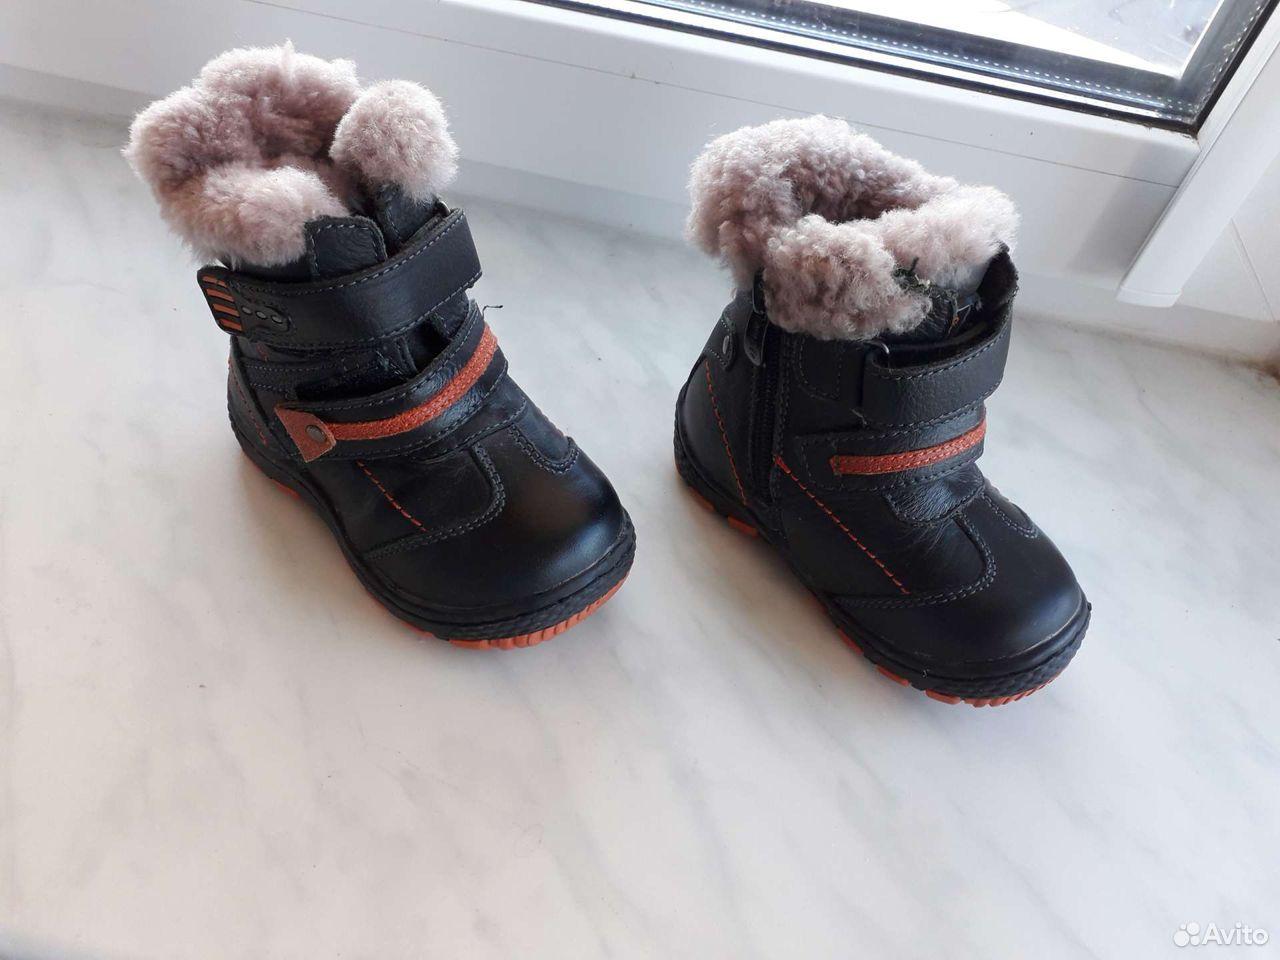 Комбинезон трансформер, ботиночки на зиму  89658106713 купить 1